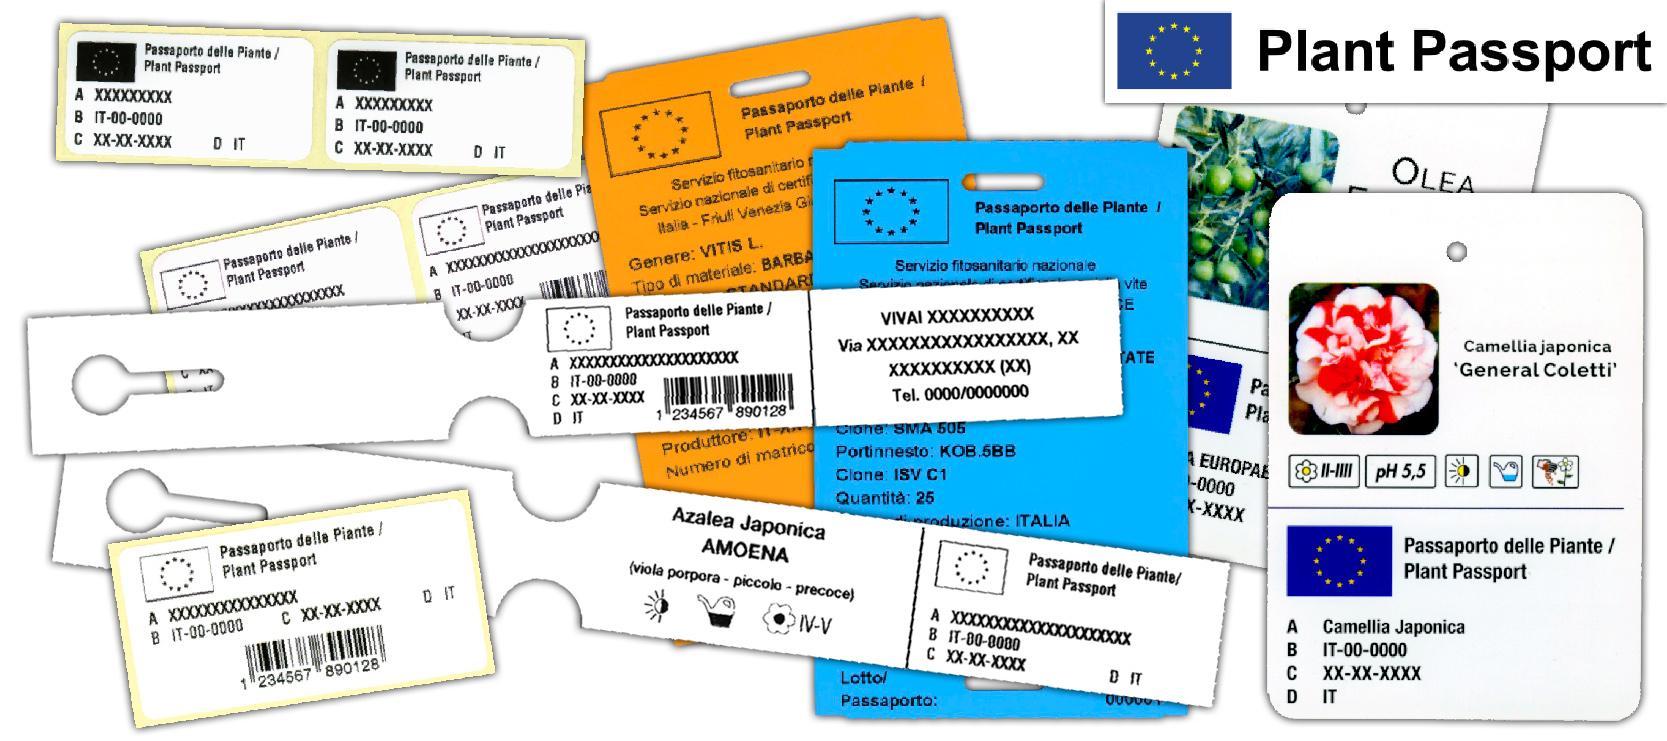 Passaporto-delle-piante